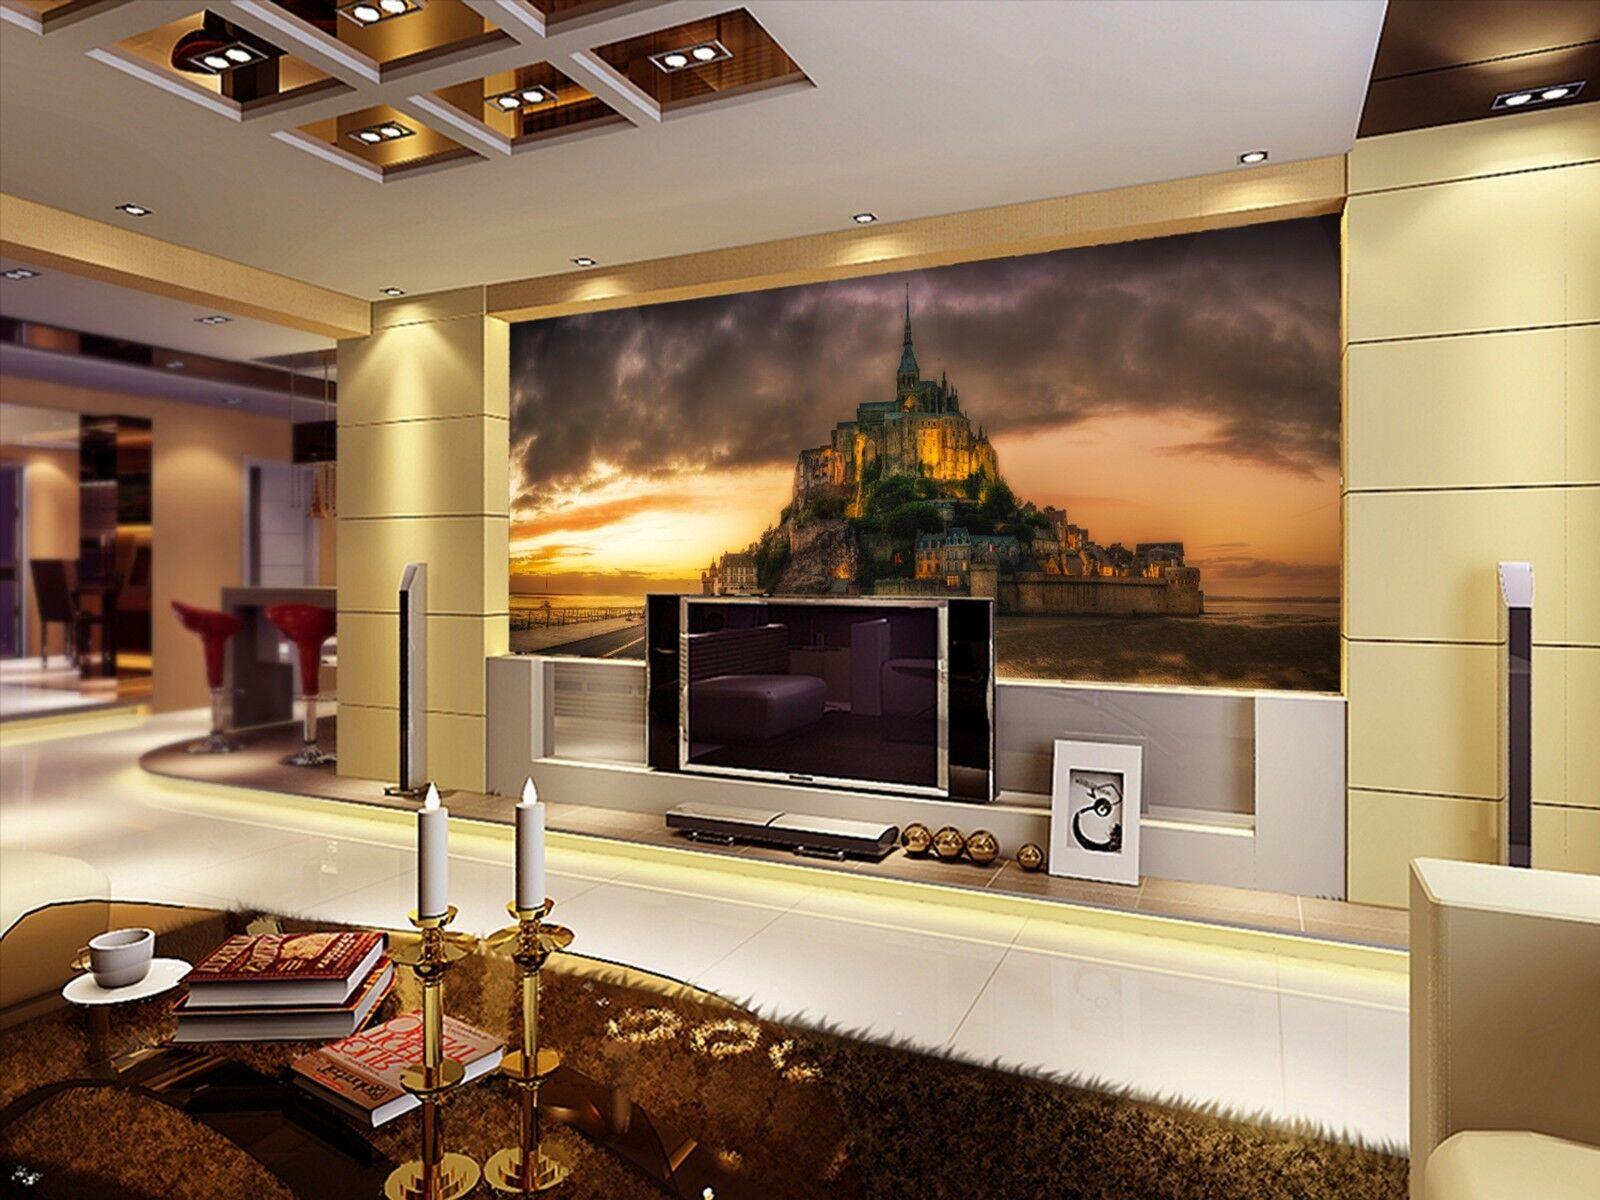 3D Dunkle Wolken Schloss 893 Tapete Wandgemälde Tapeten Bild Familie DE Lemon